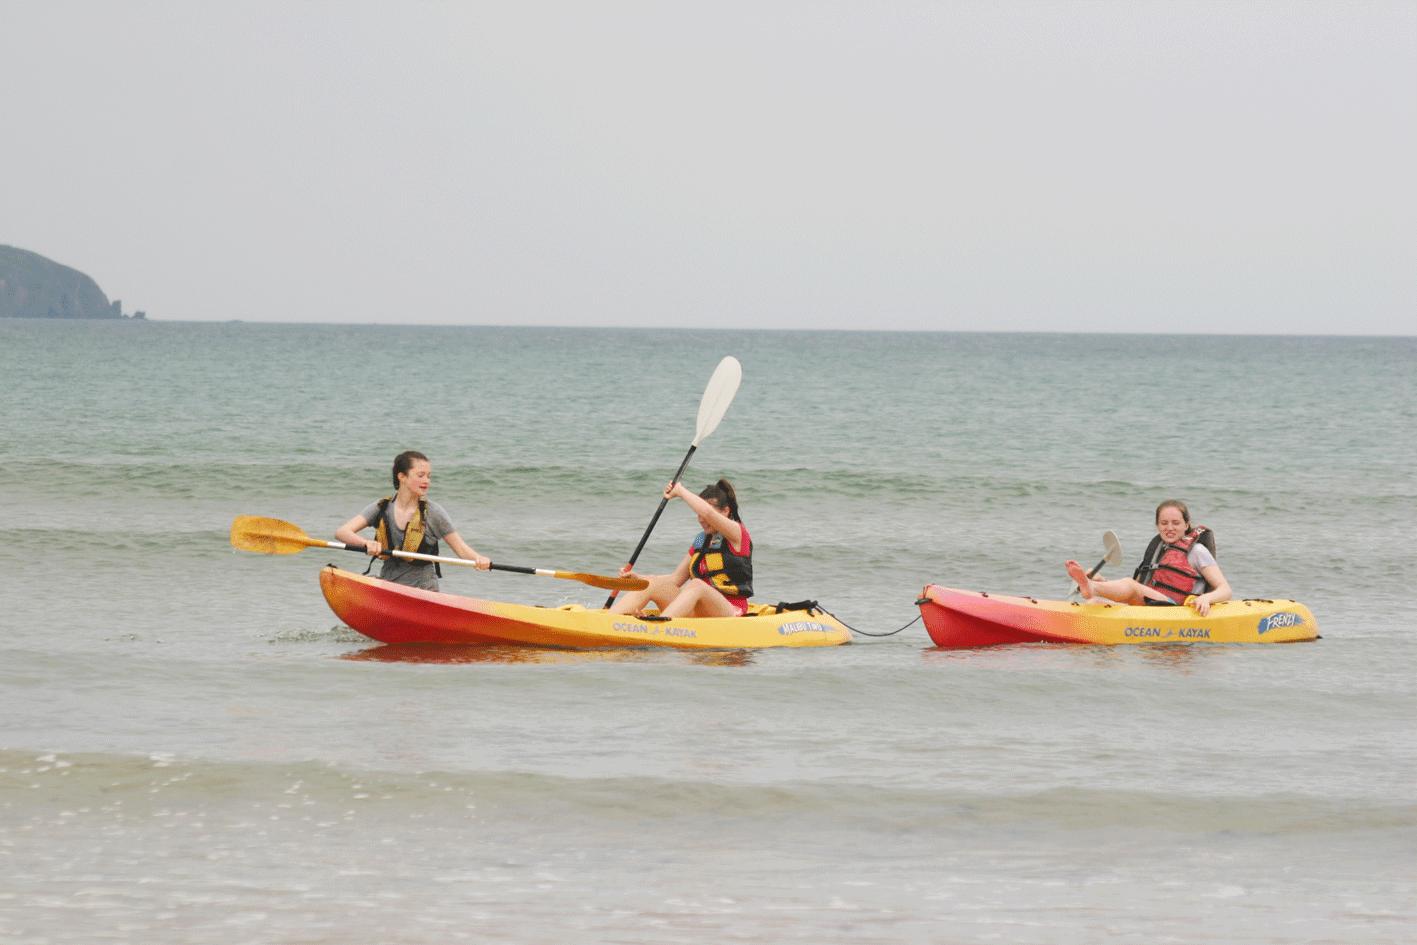 Kayaking ardmore ecole de mer 2016 students enjoy kayaking